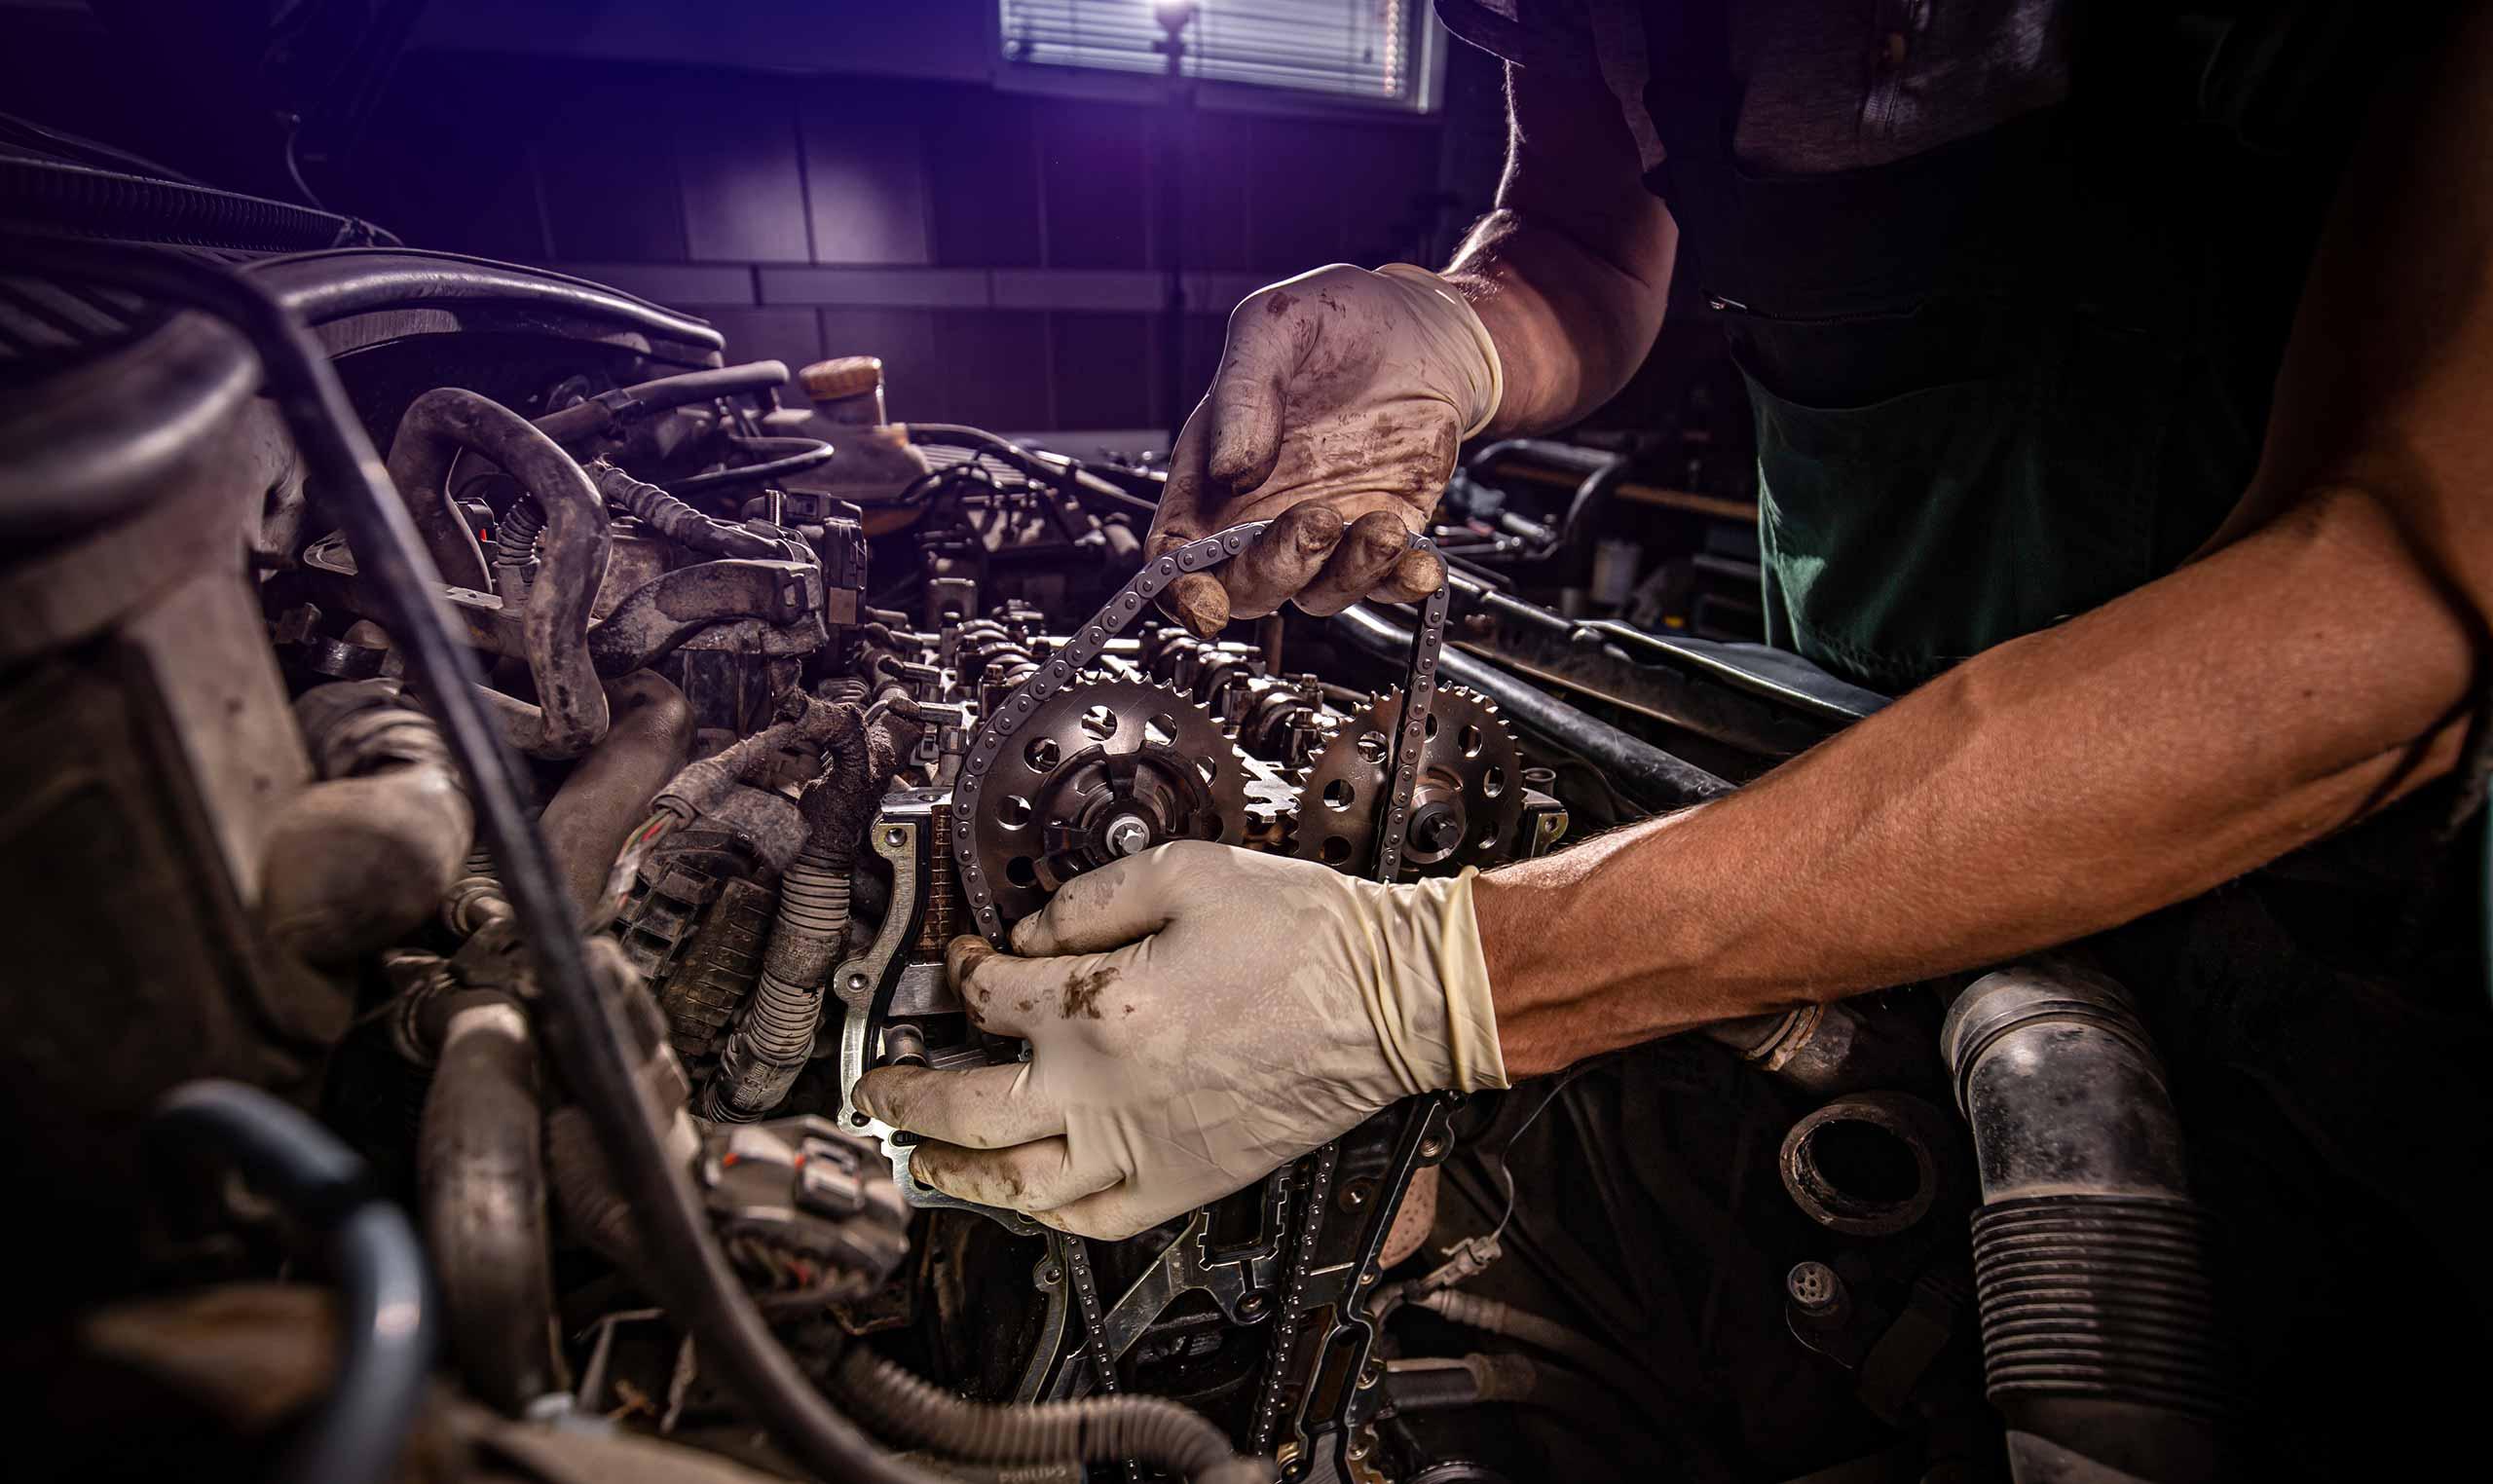 Car Services & Repair